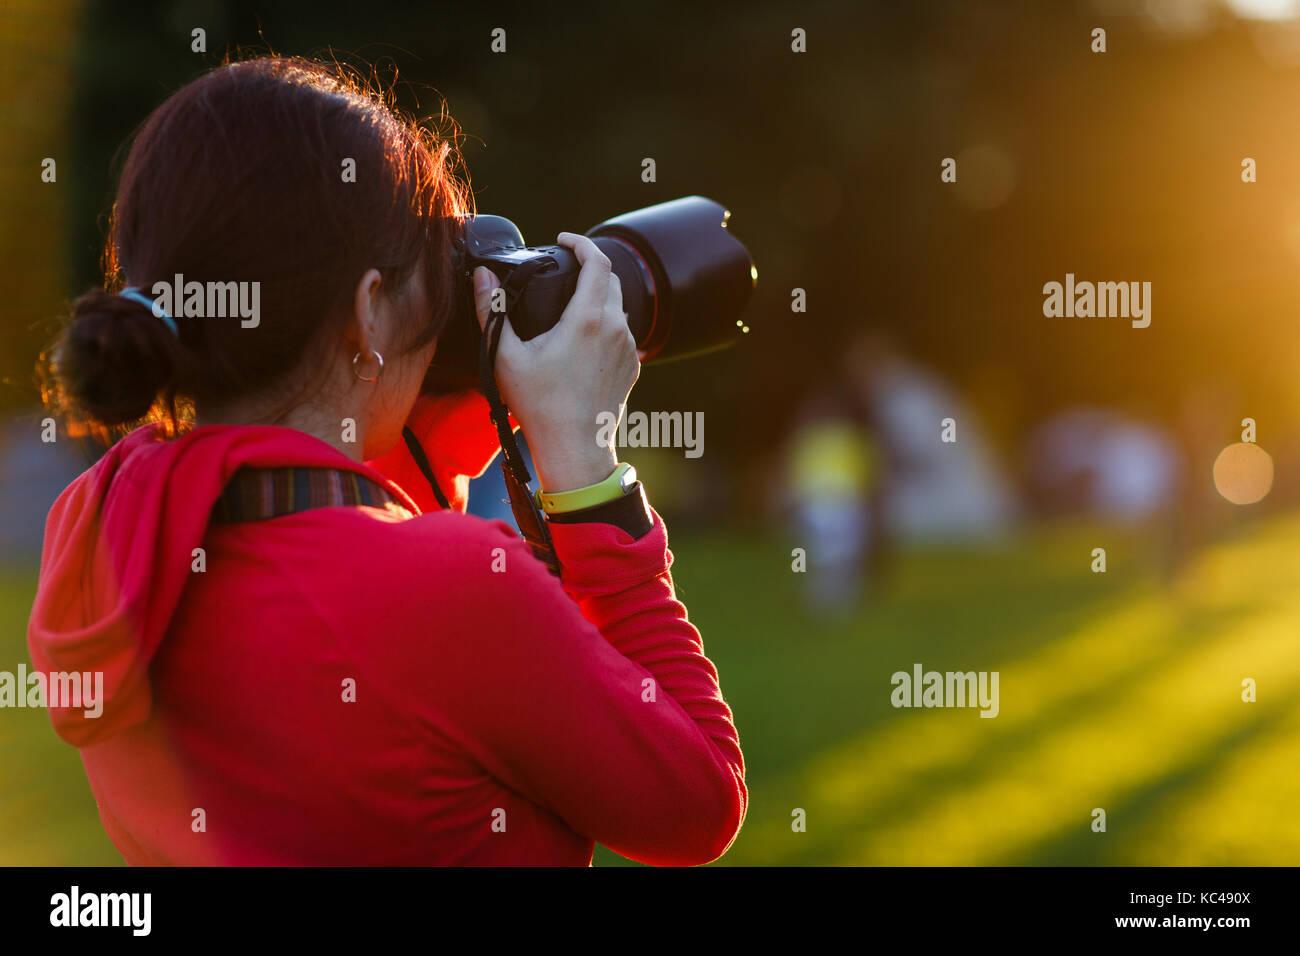 Foto von Brünette mit Kamera Stockbild